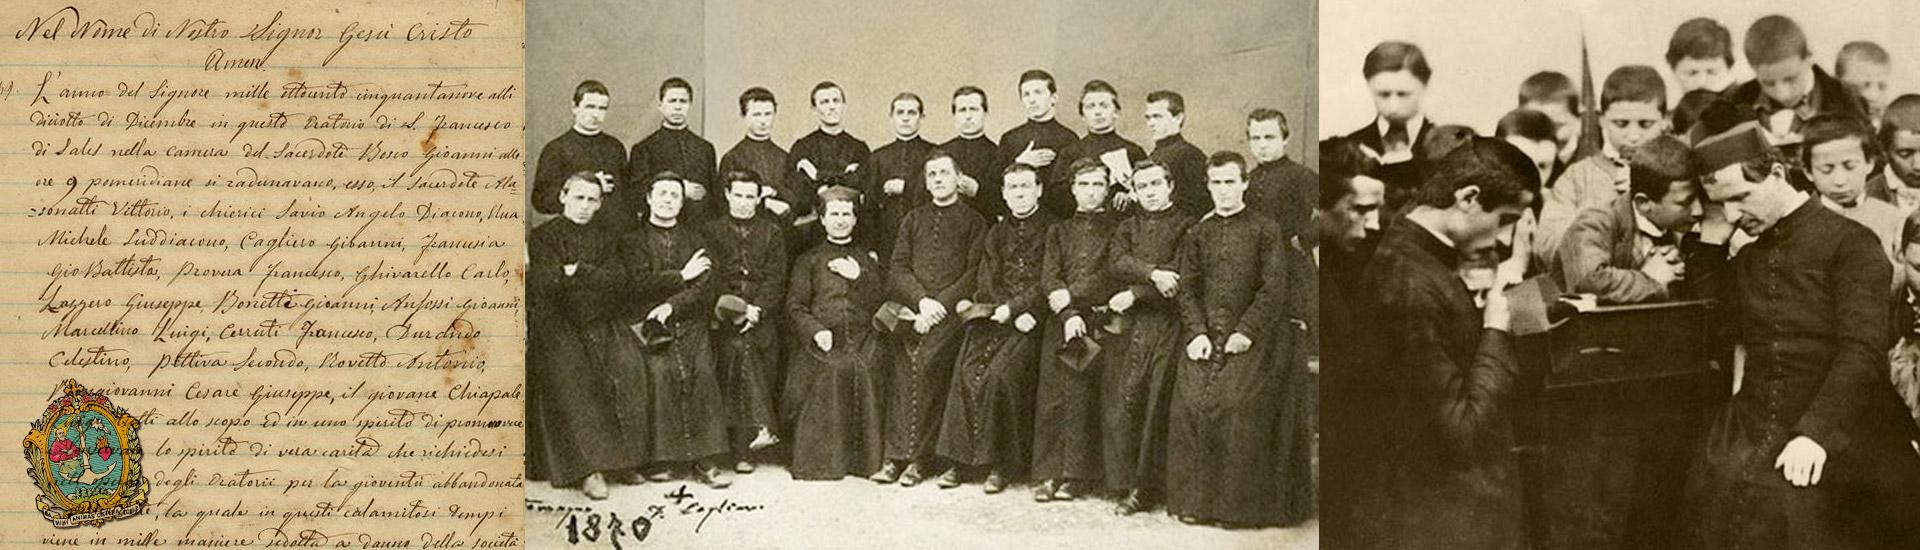 Los Salesianos cumplen 159 años